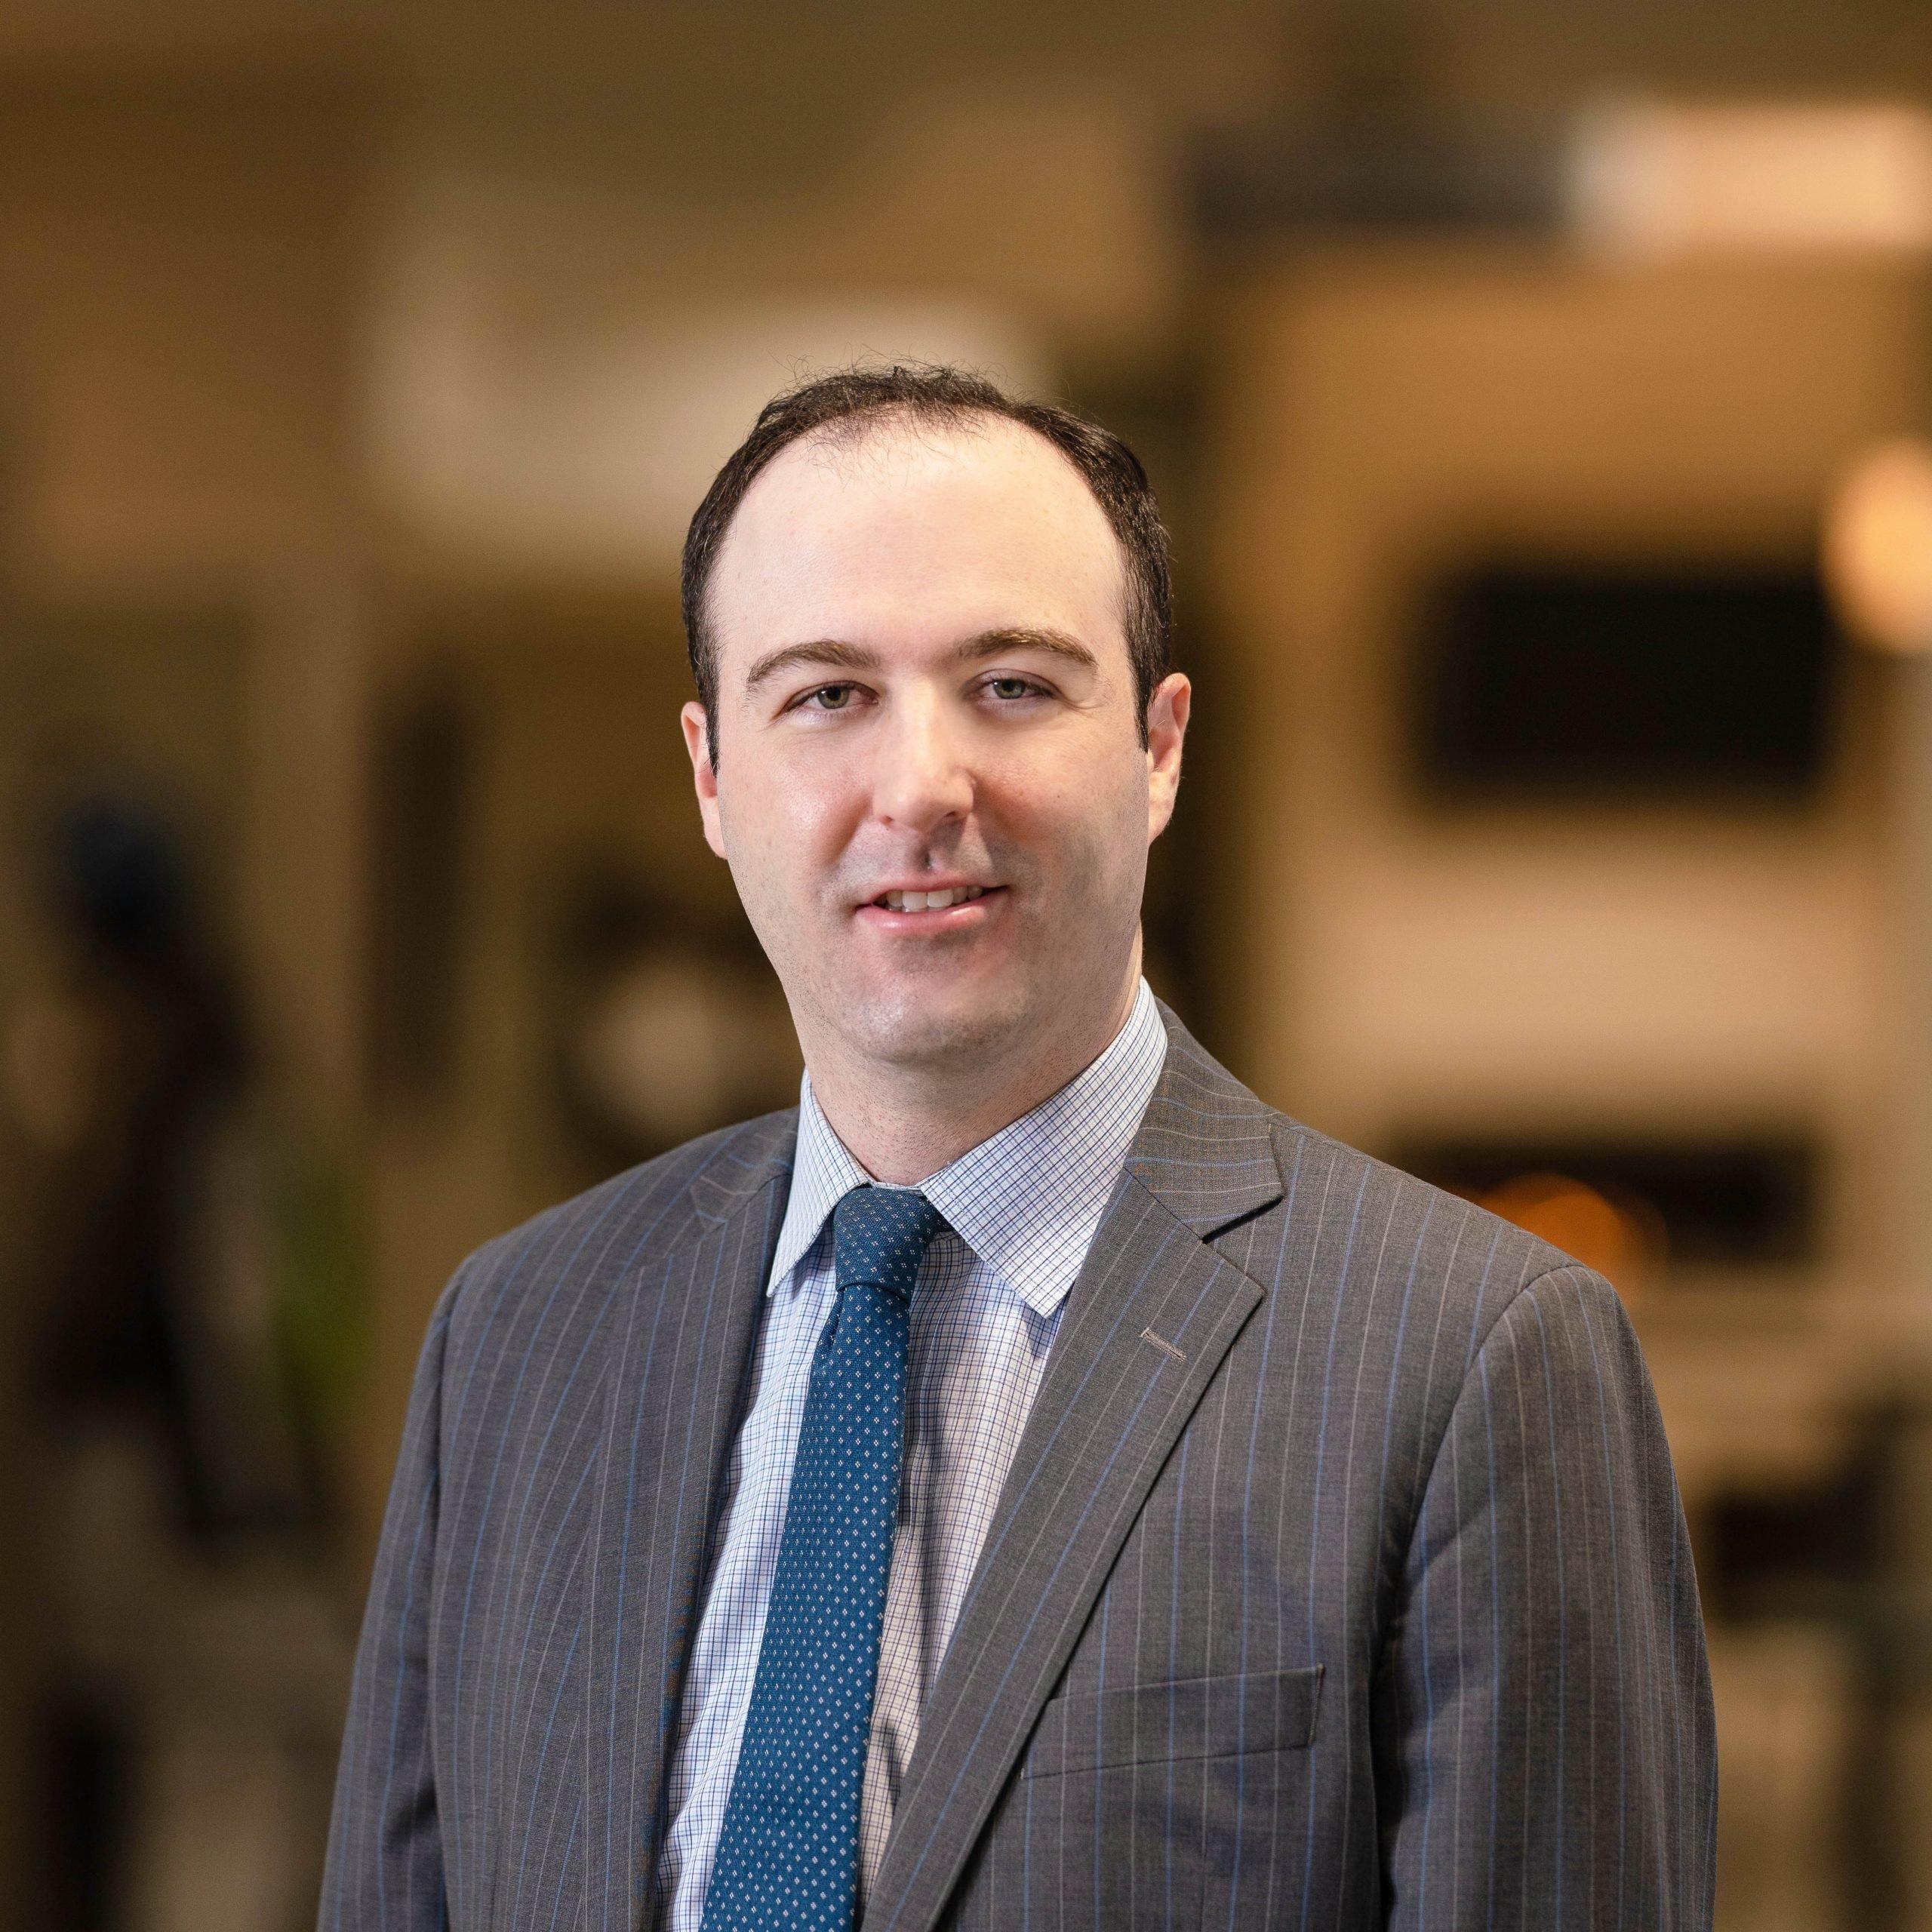 Dr. Gregory Bever